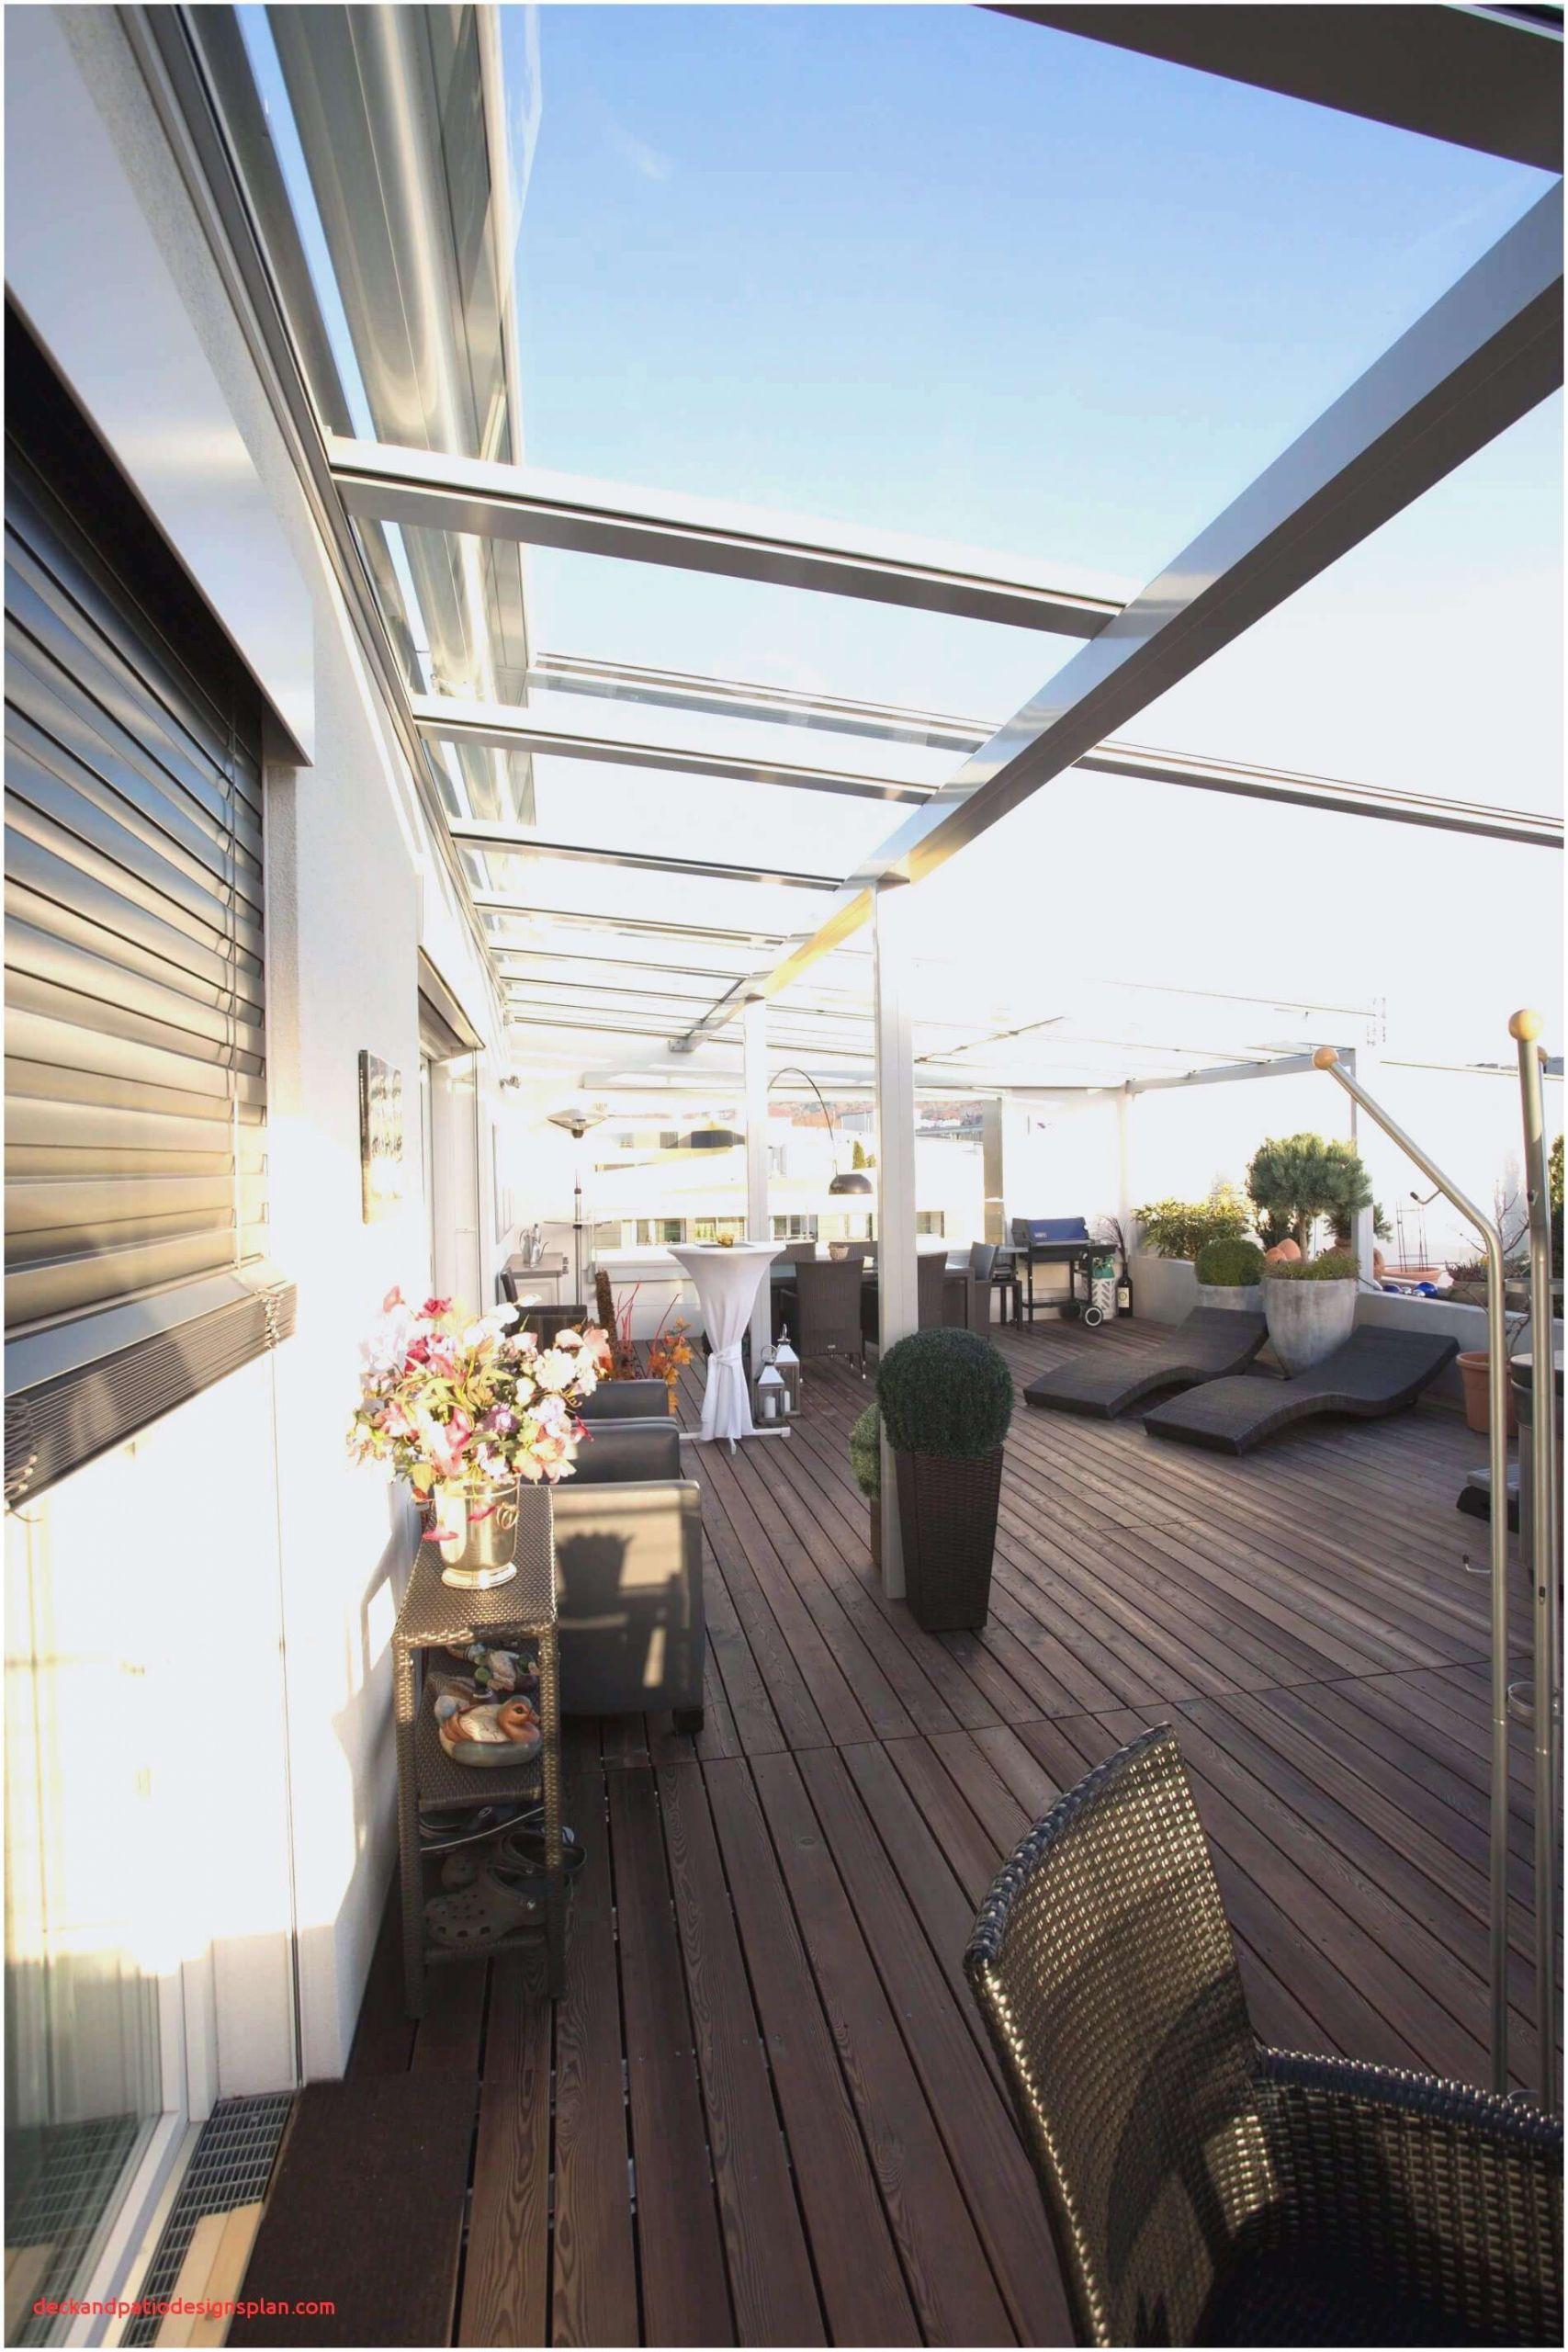 42 neu balkon sonnenschutz galerie einzigartig zum dachfenster mit balkon ideen of dachfenster mit balkon